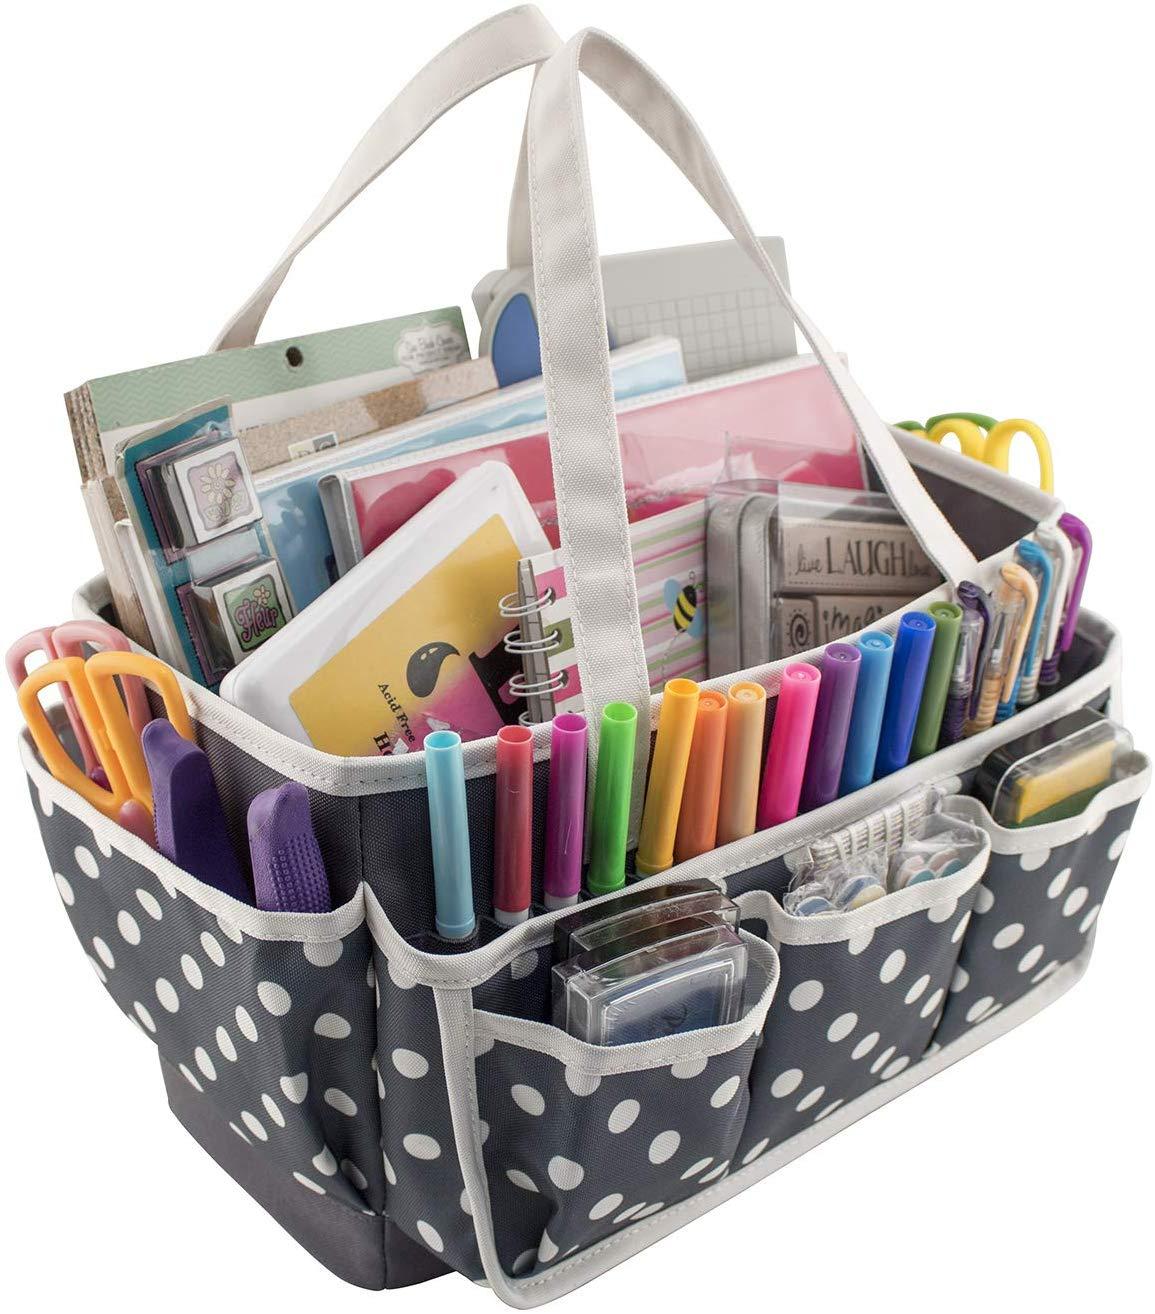 Storage Craft Bag Organizer for Crafts